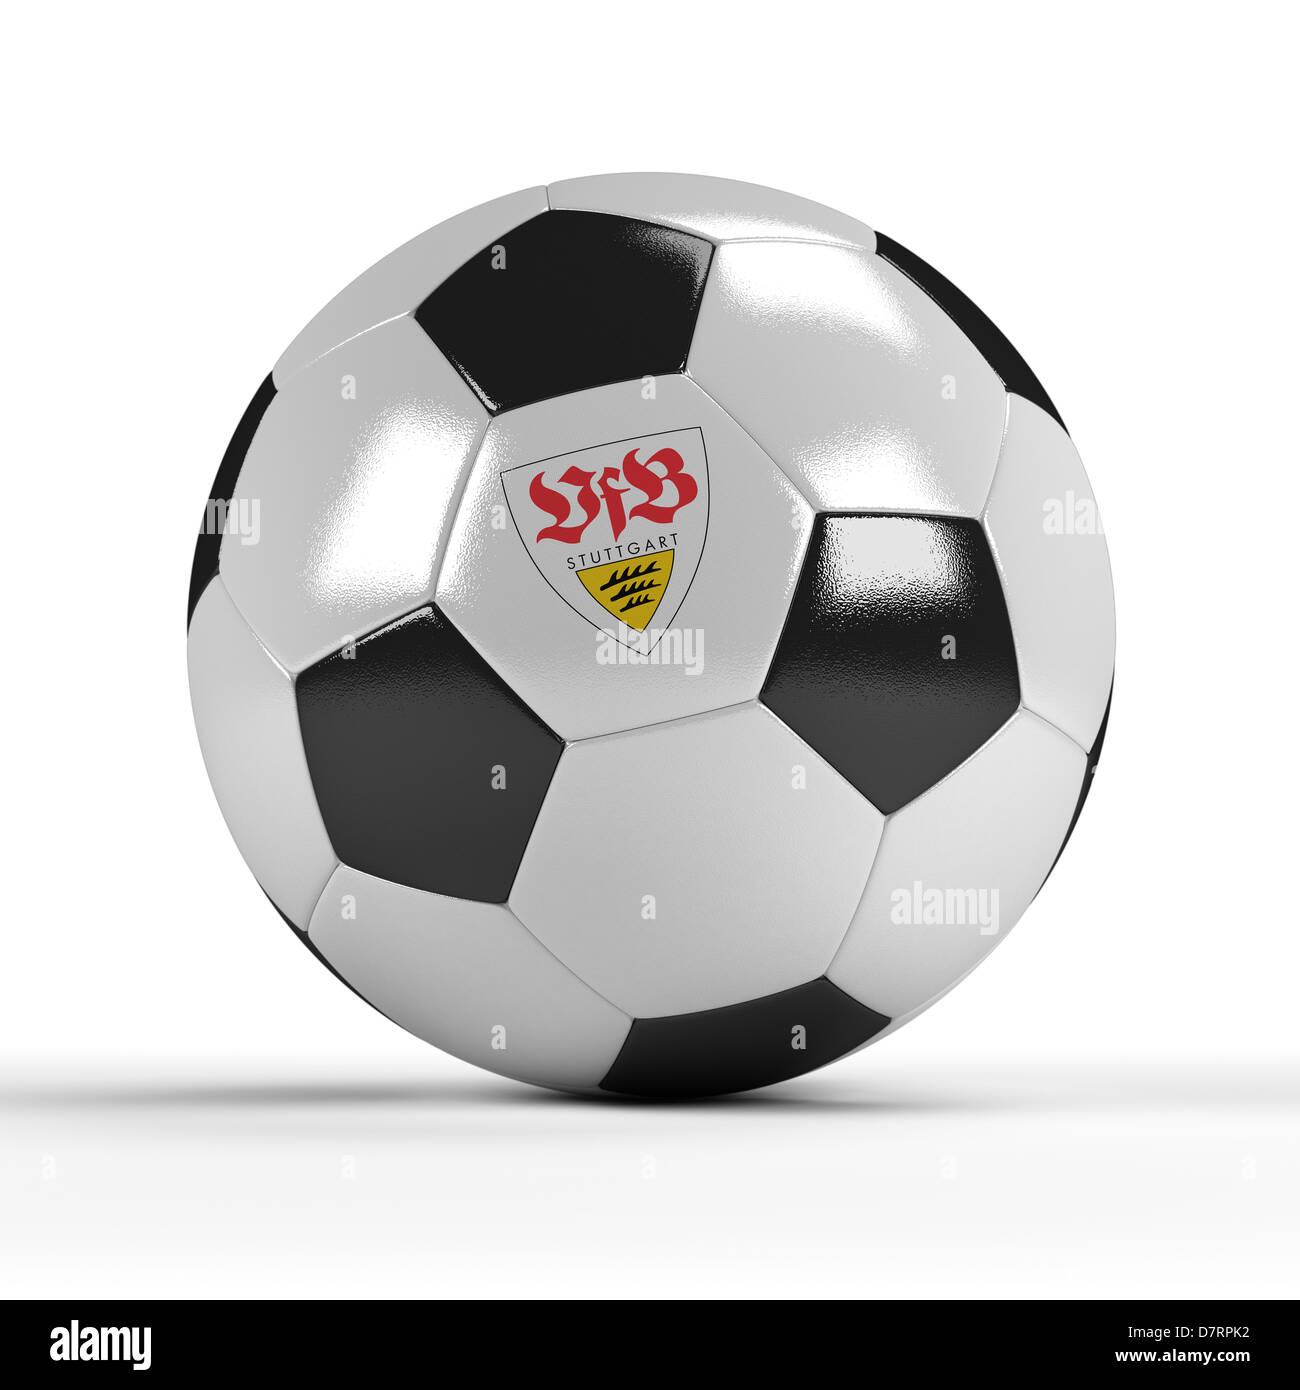 VfB Stuttgart soccer ball - Stock Image